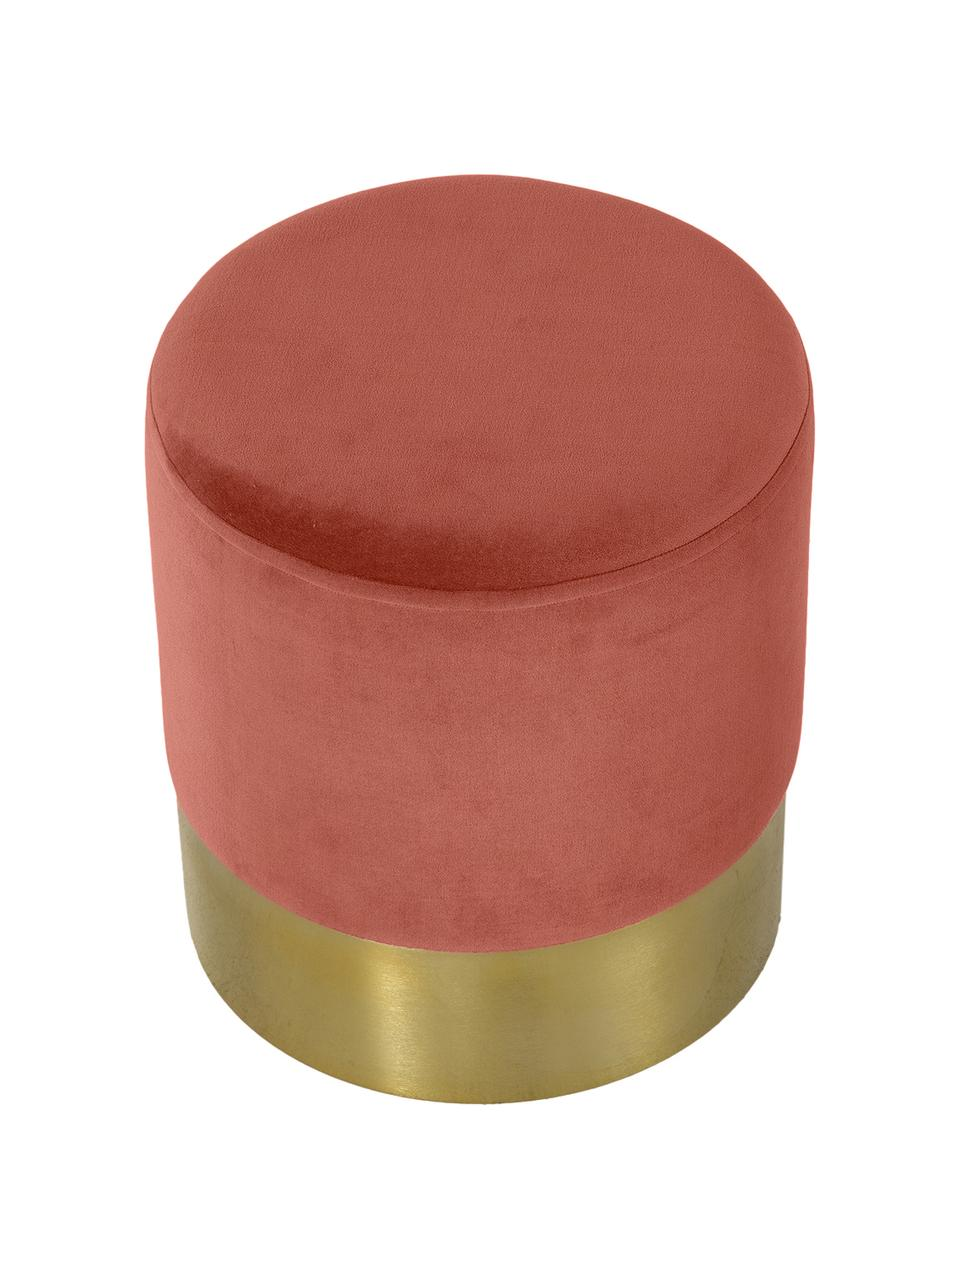 Puf z aksamitu Harlow, Tapicerka: aksamit bawełniany, Koralowy, odcienie złotego, Ø 38 x W 42 cm